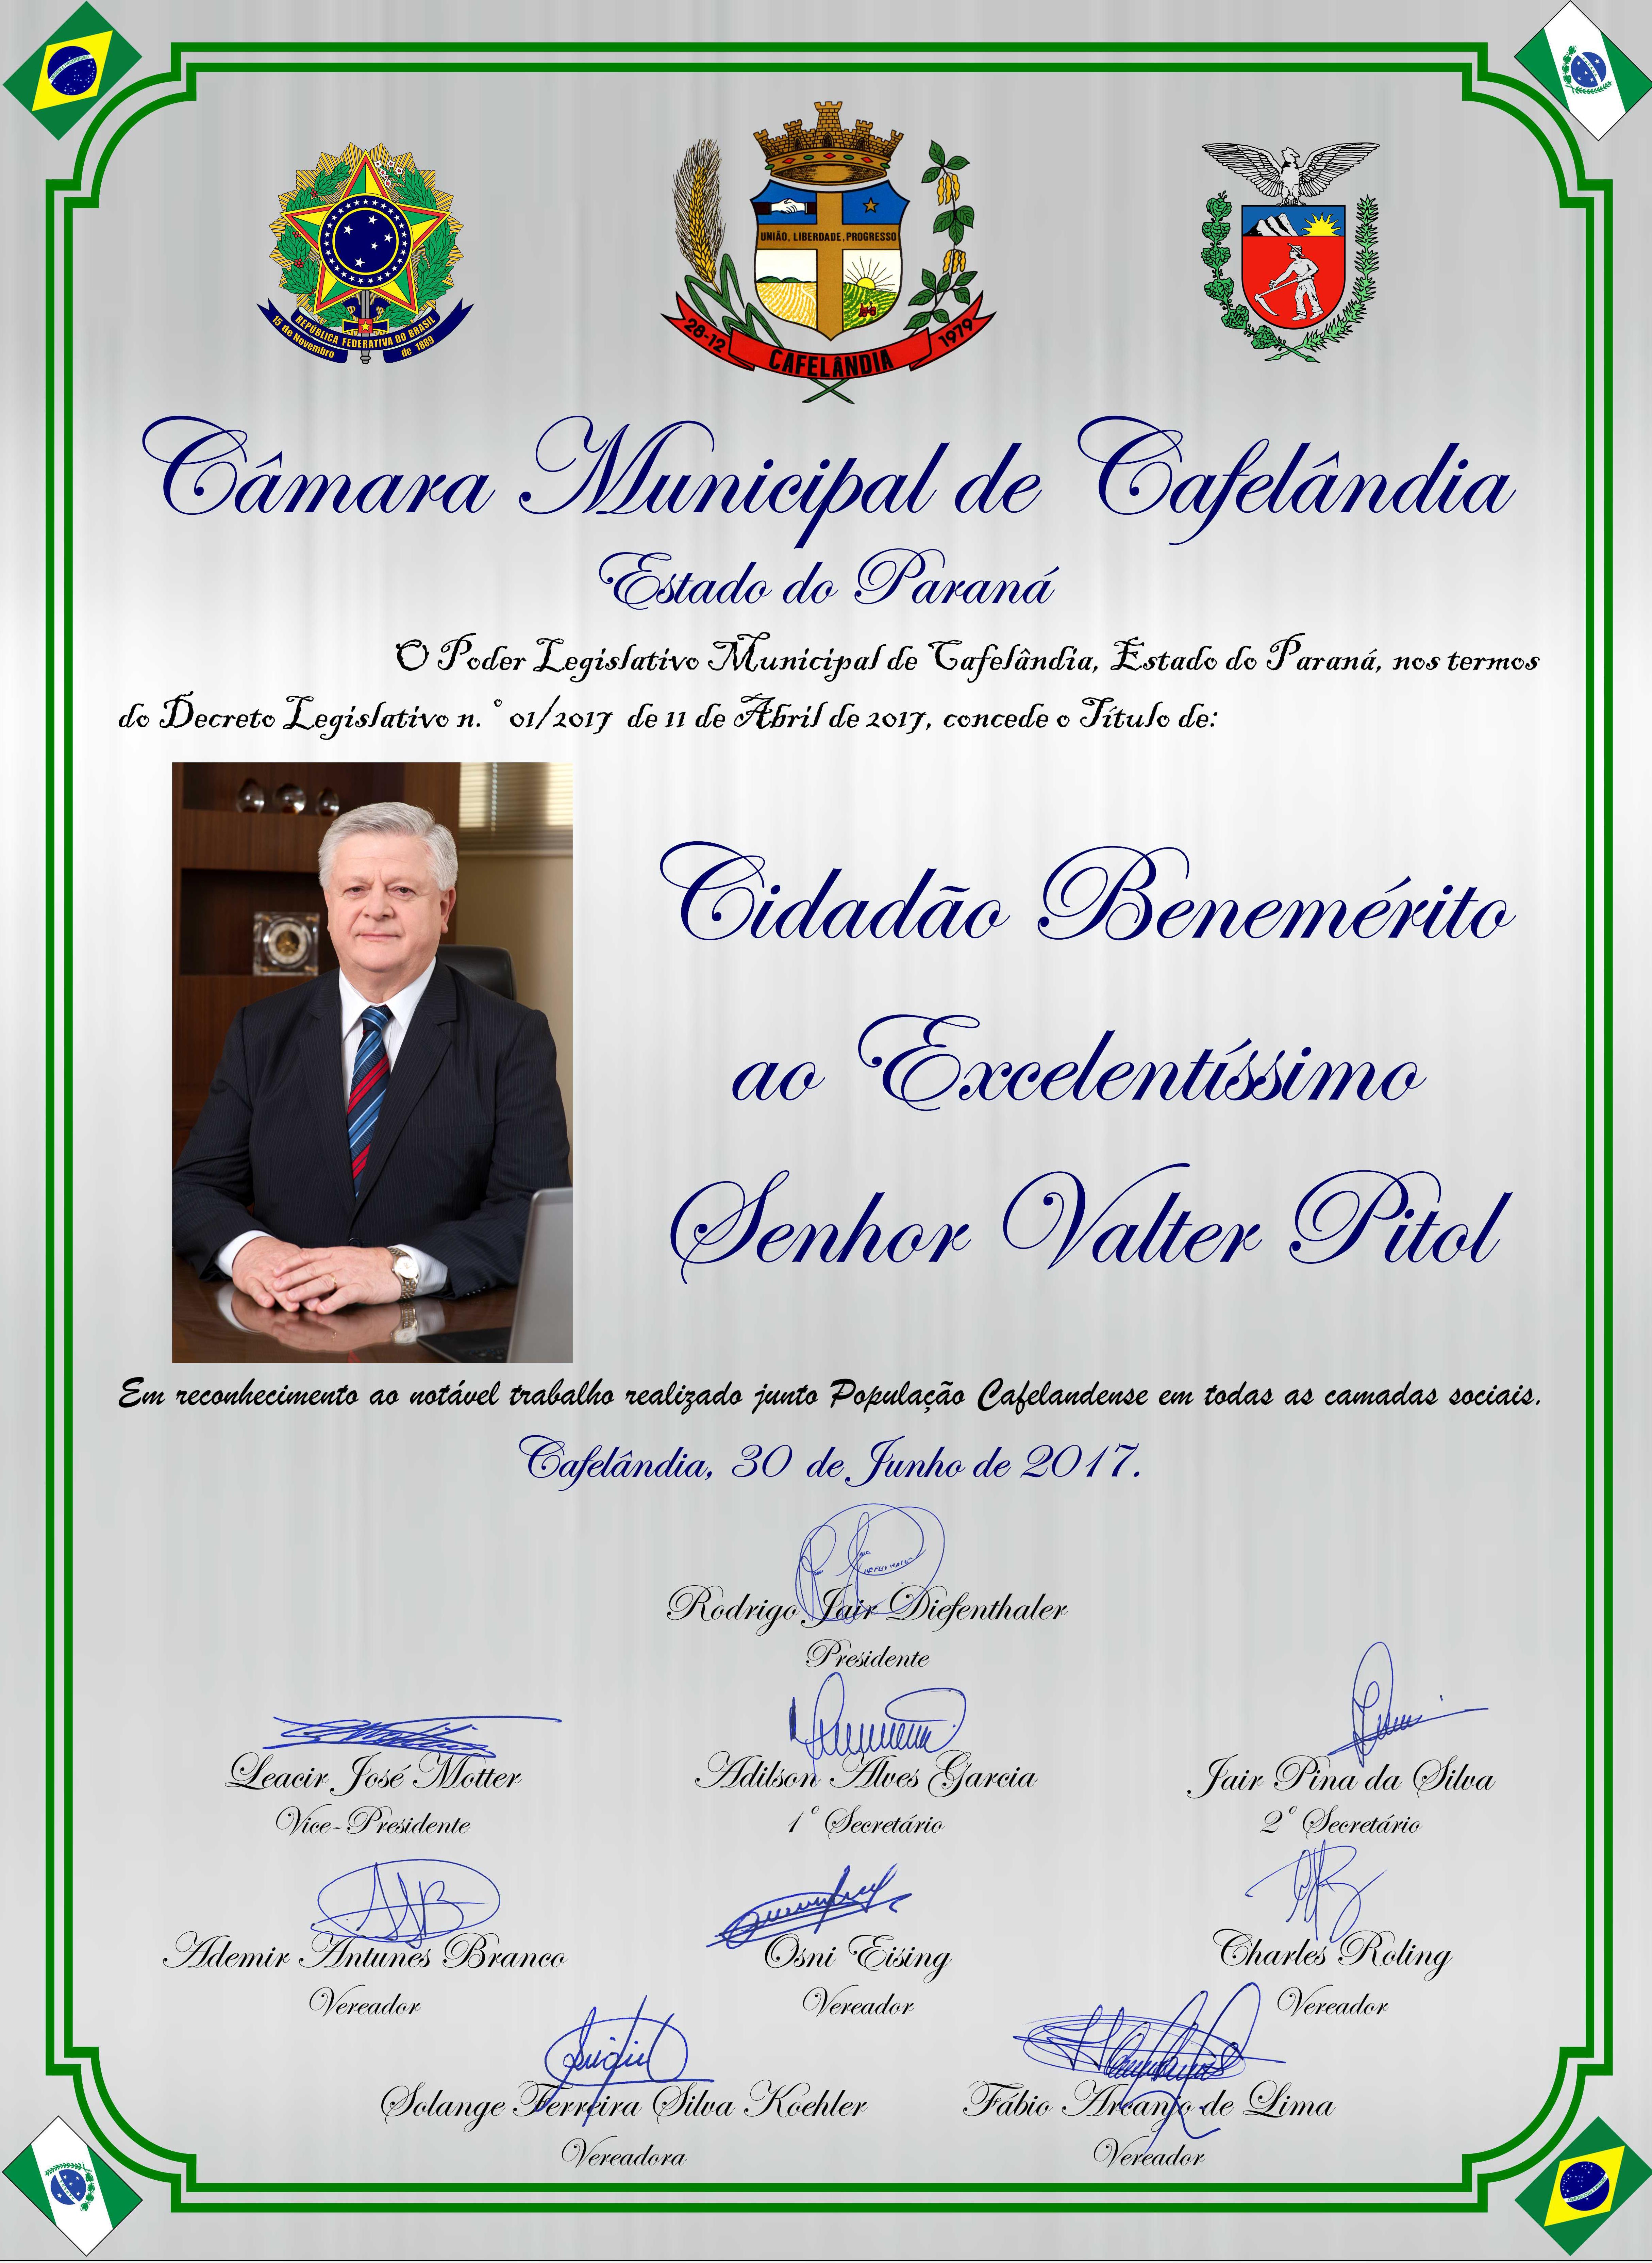 A Câmara Municipal de Cafelândia Concede Título de Cidadão Benemérito ao Excelentíssimo Senhor Valter Pitol